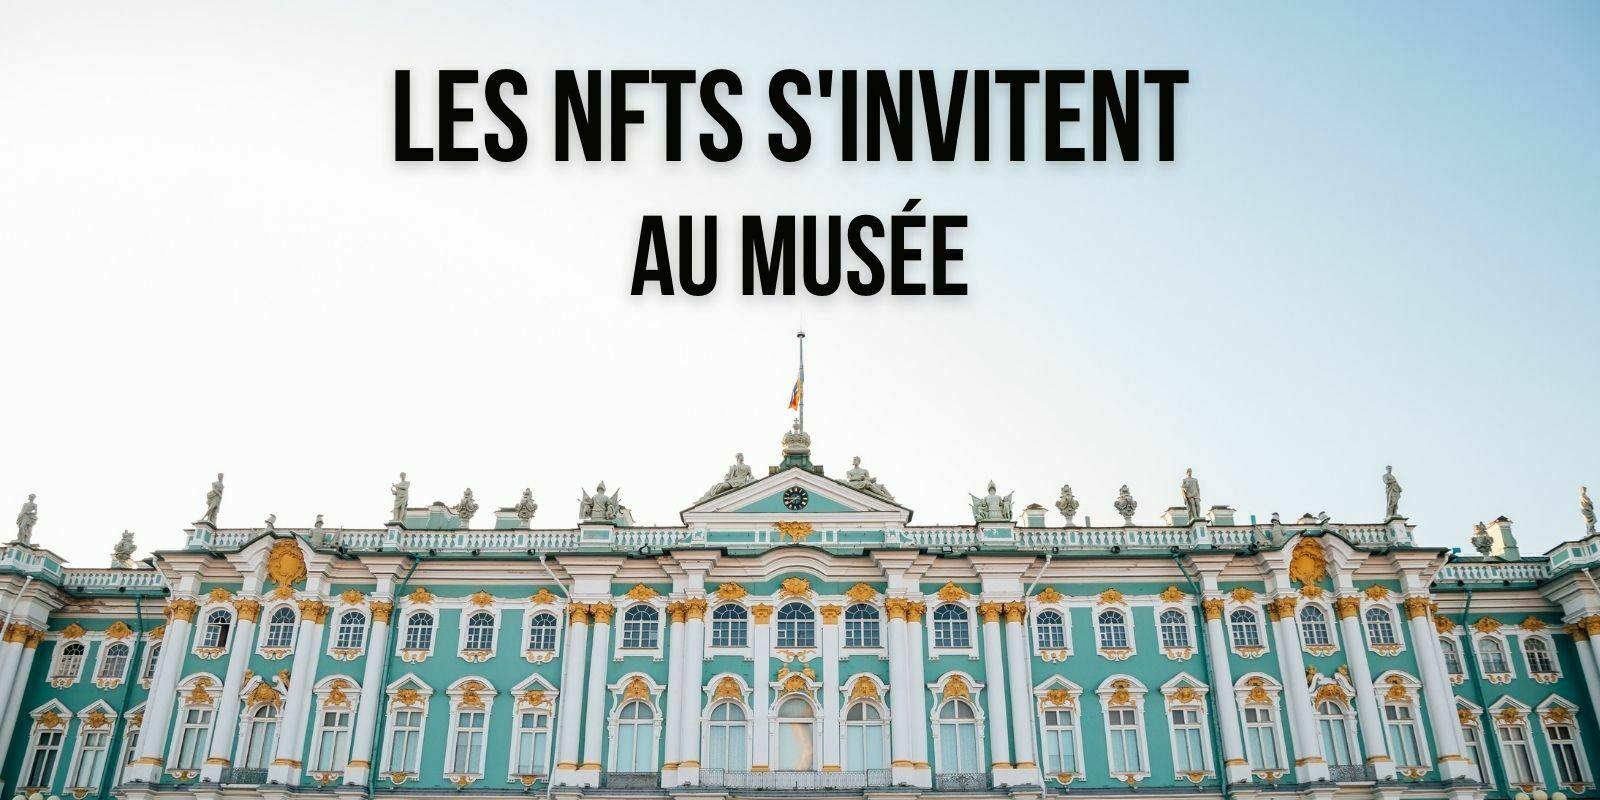 L'un des plus grands musées au monde accueillera une exposition sur les NFTs